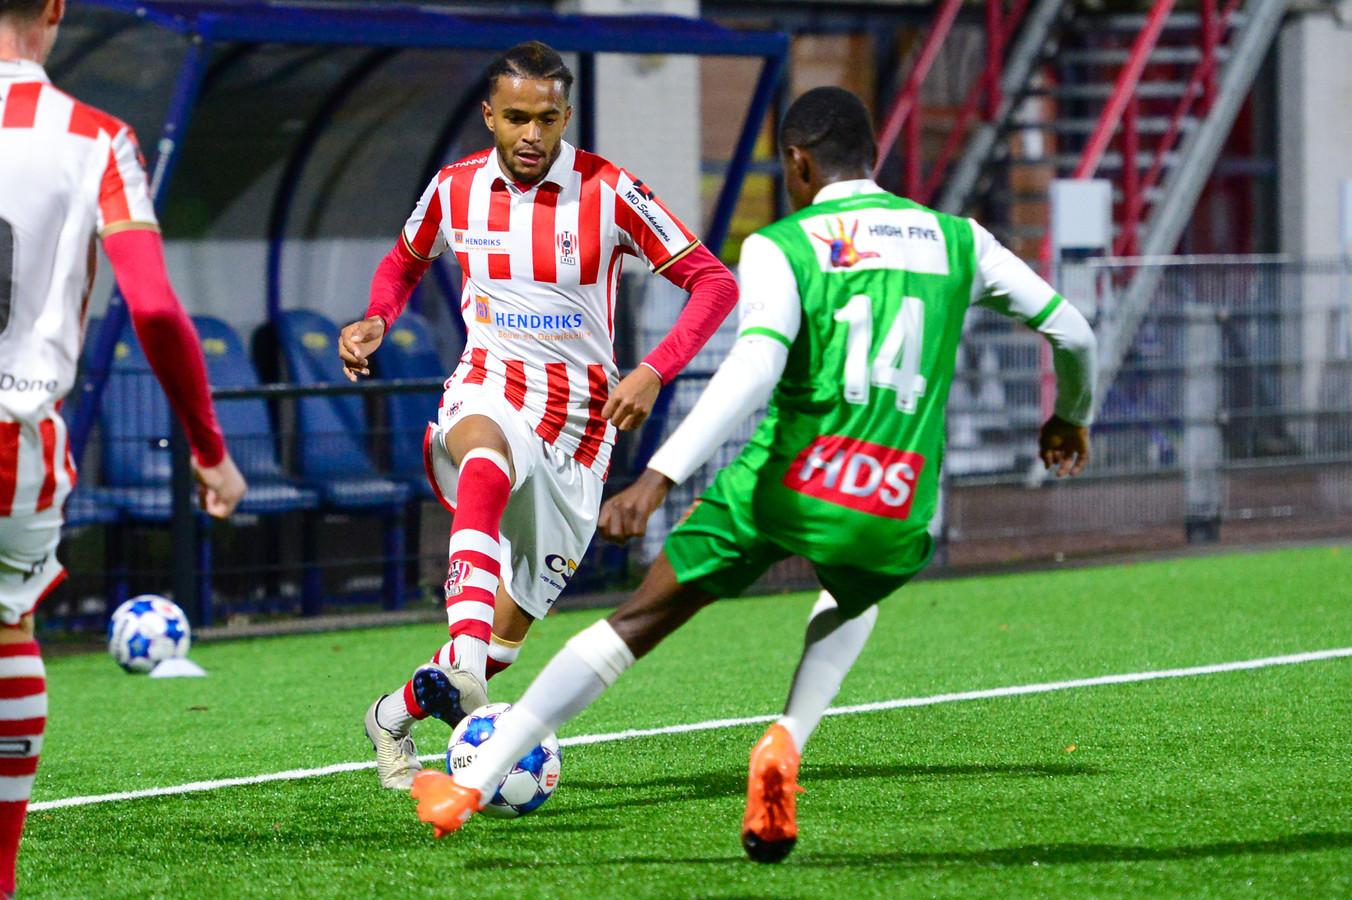 Top Oss Vence Fc Dordrecht E Conhece A Primeira Vitoria Na Temporada Futebol Holandes